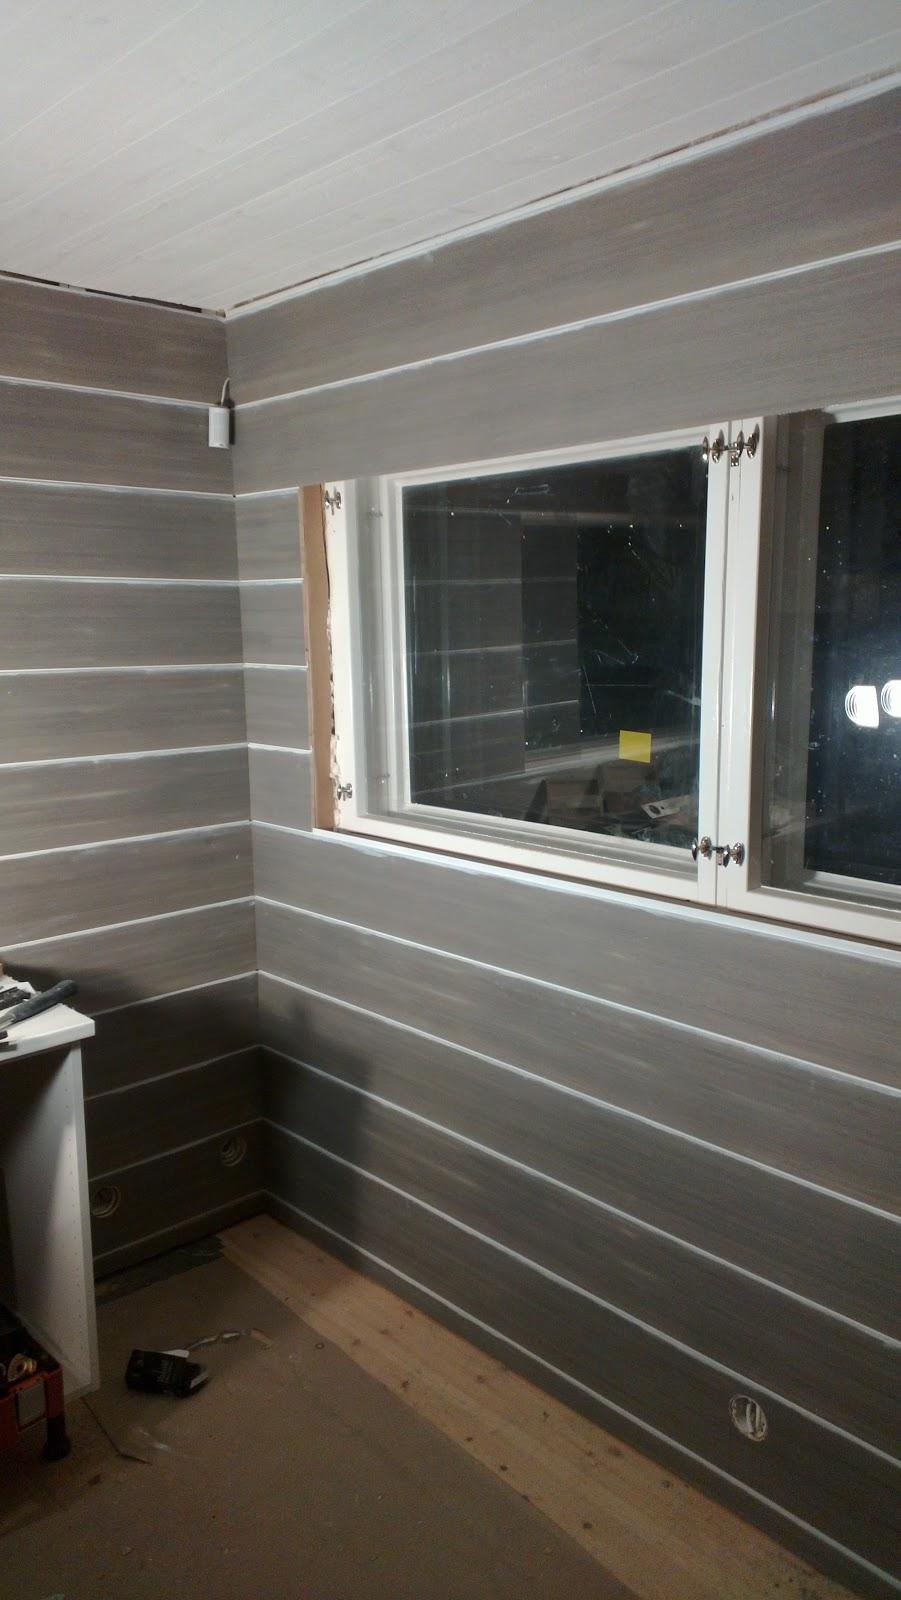 Kylpyhuoneen seinän panelointi